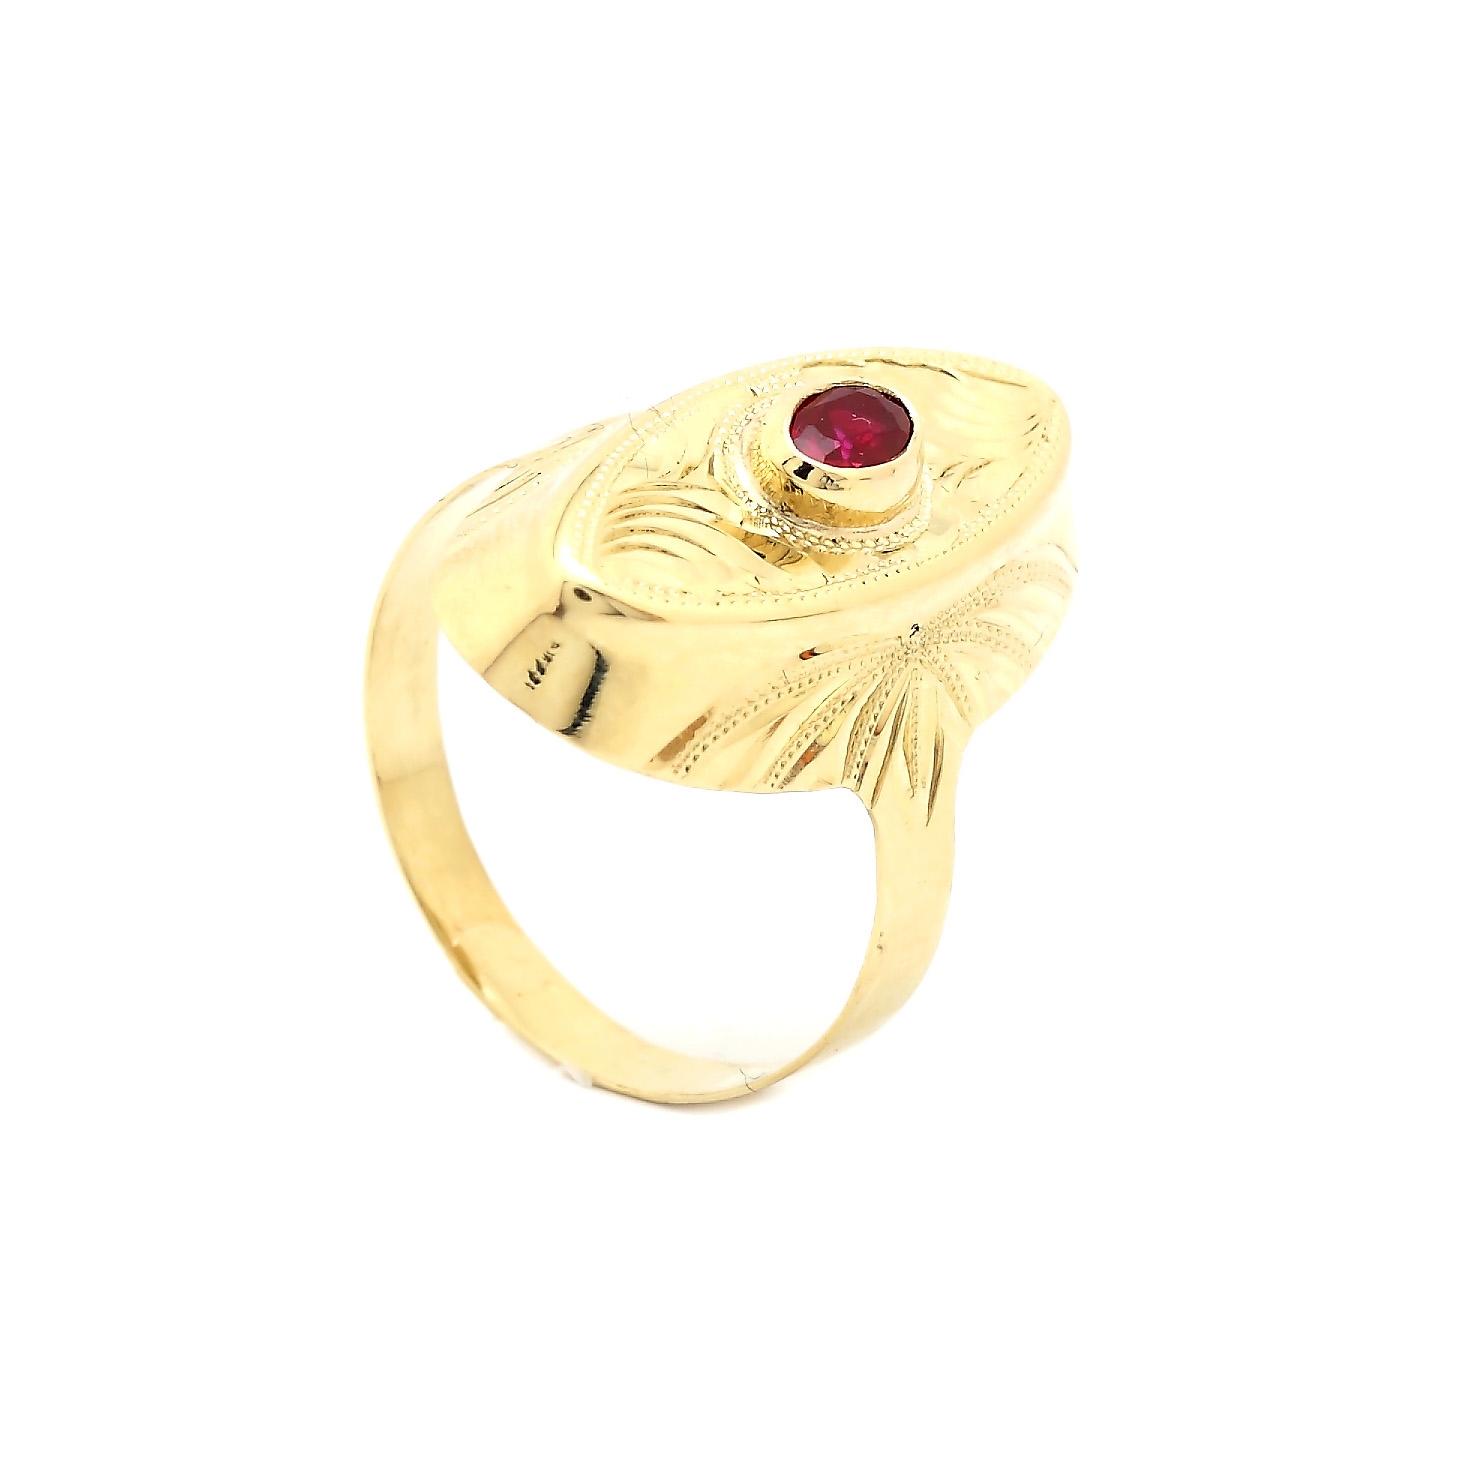 Zlatý dámsky prsteň DEANA